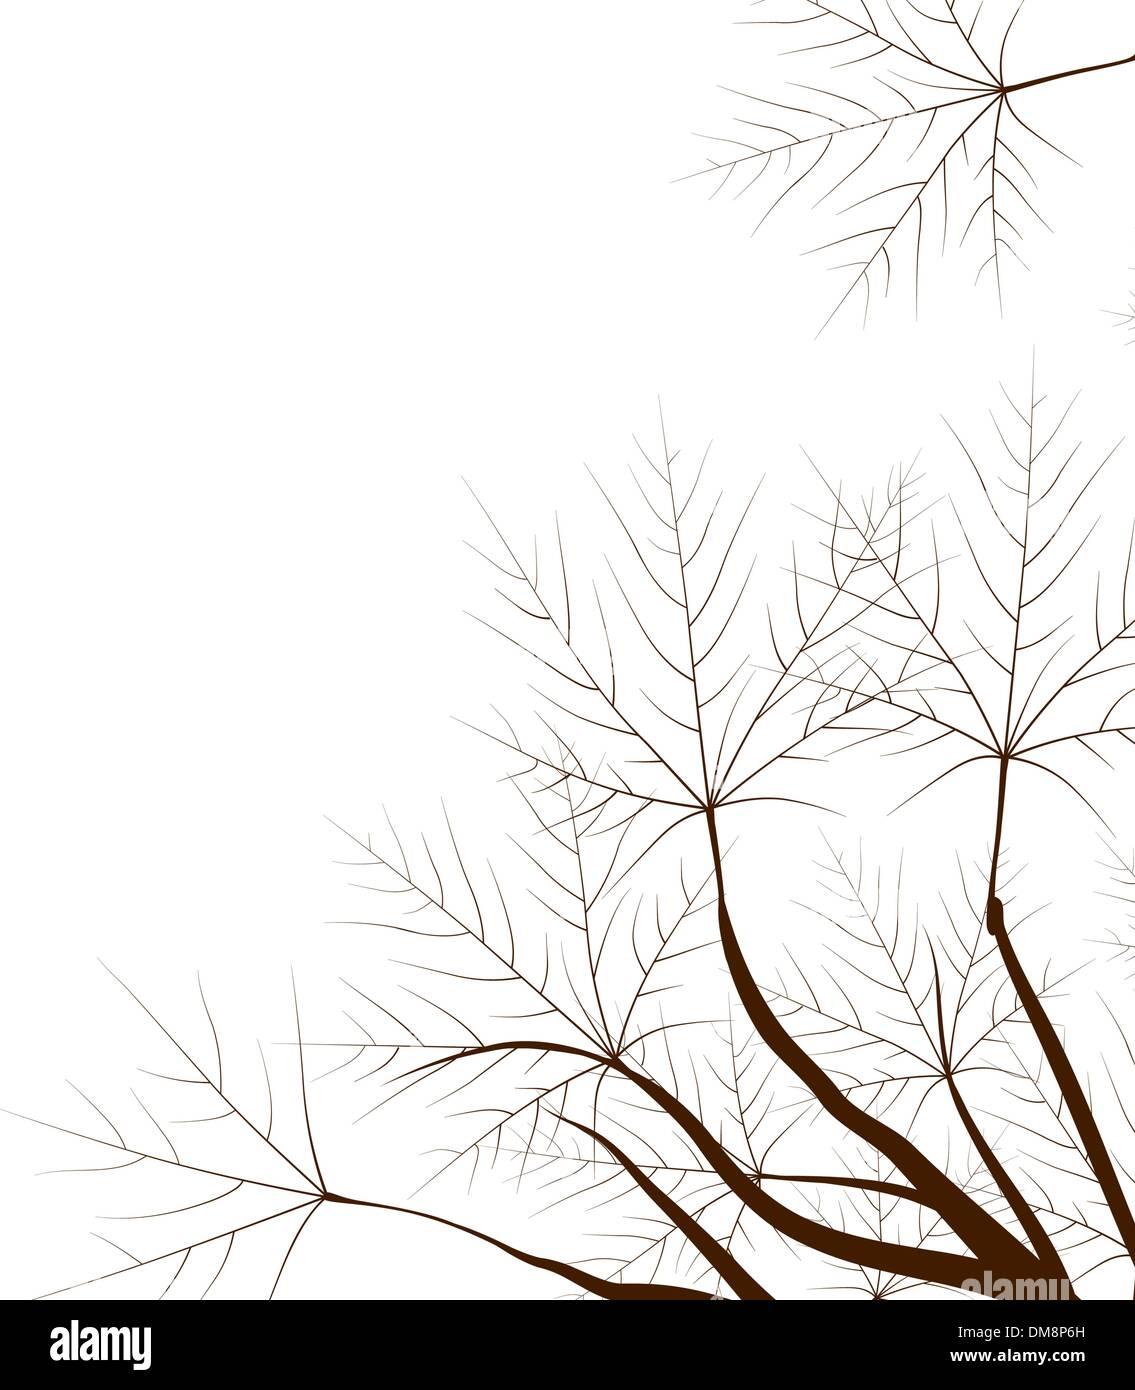 Japanese maple. - Stock Image